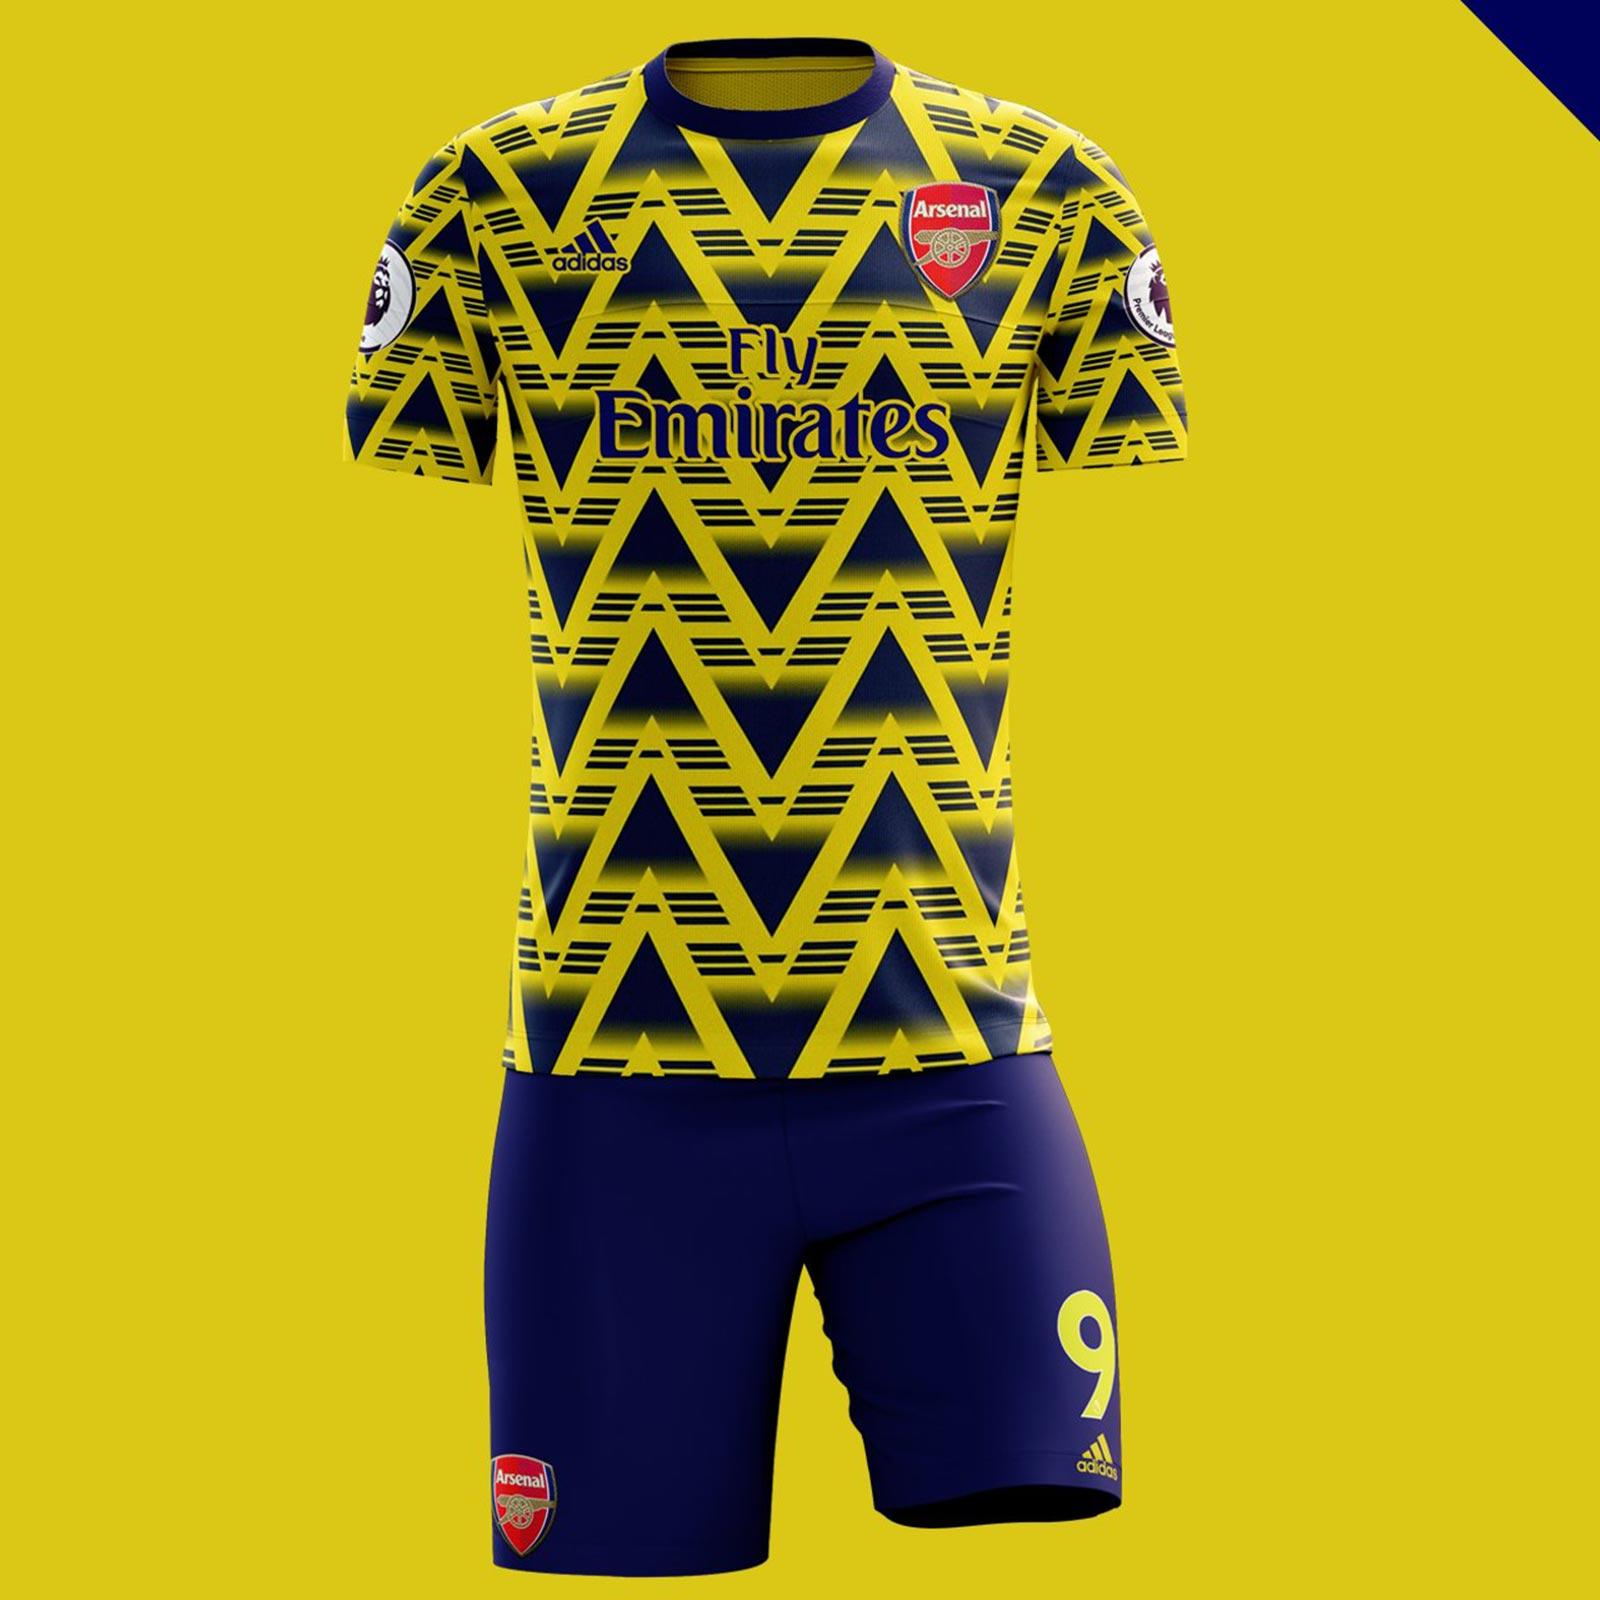 037766df8 Yellow Arsenal Kit – Verein Bild Idee